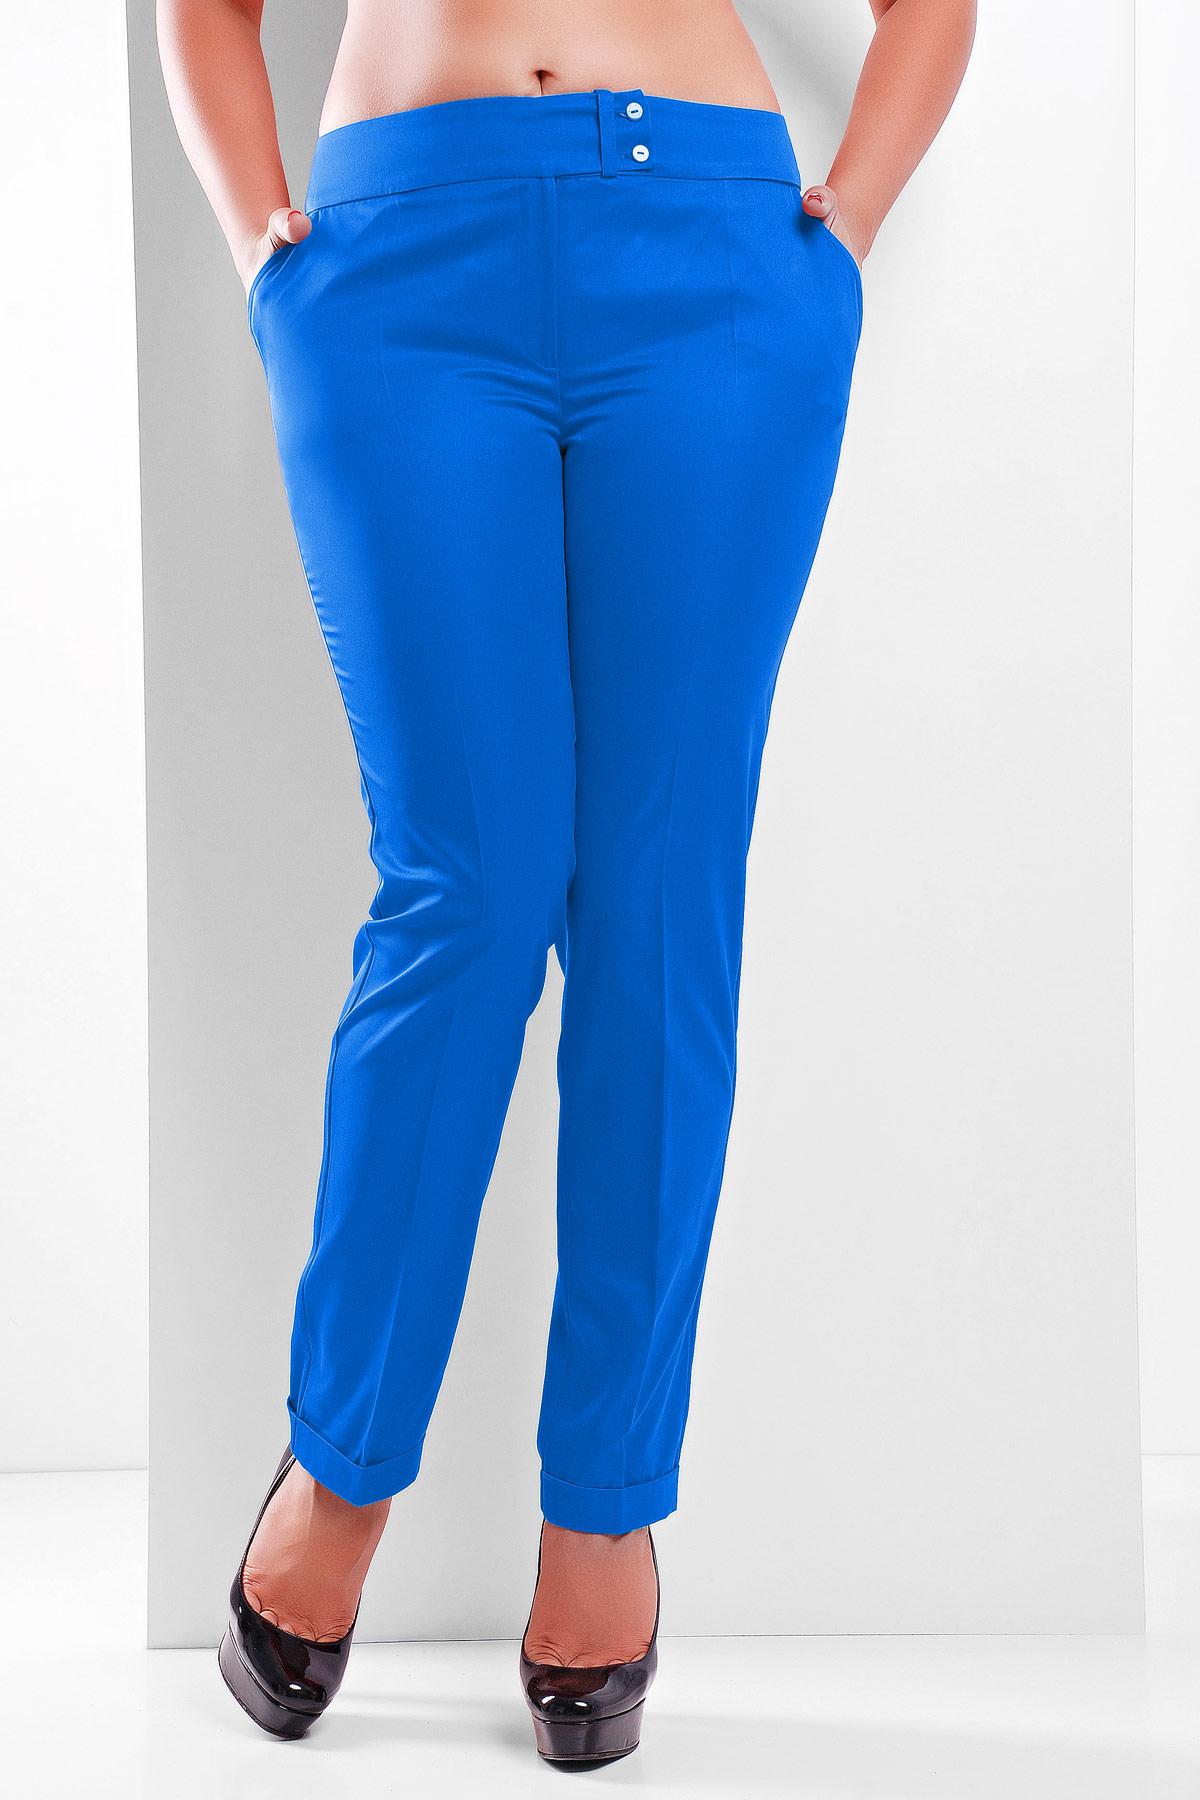 женские светлые брюки больших размеров. брюки Хилори-Б. Цвет: электрик